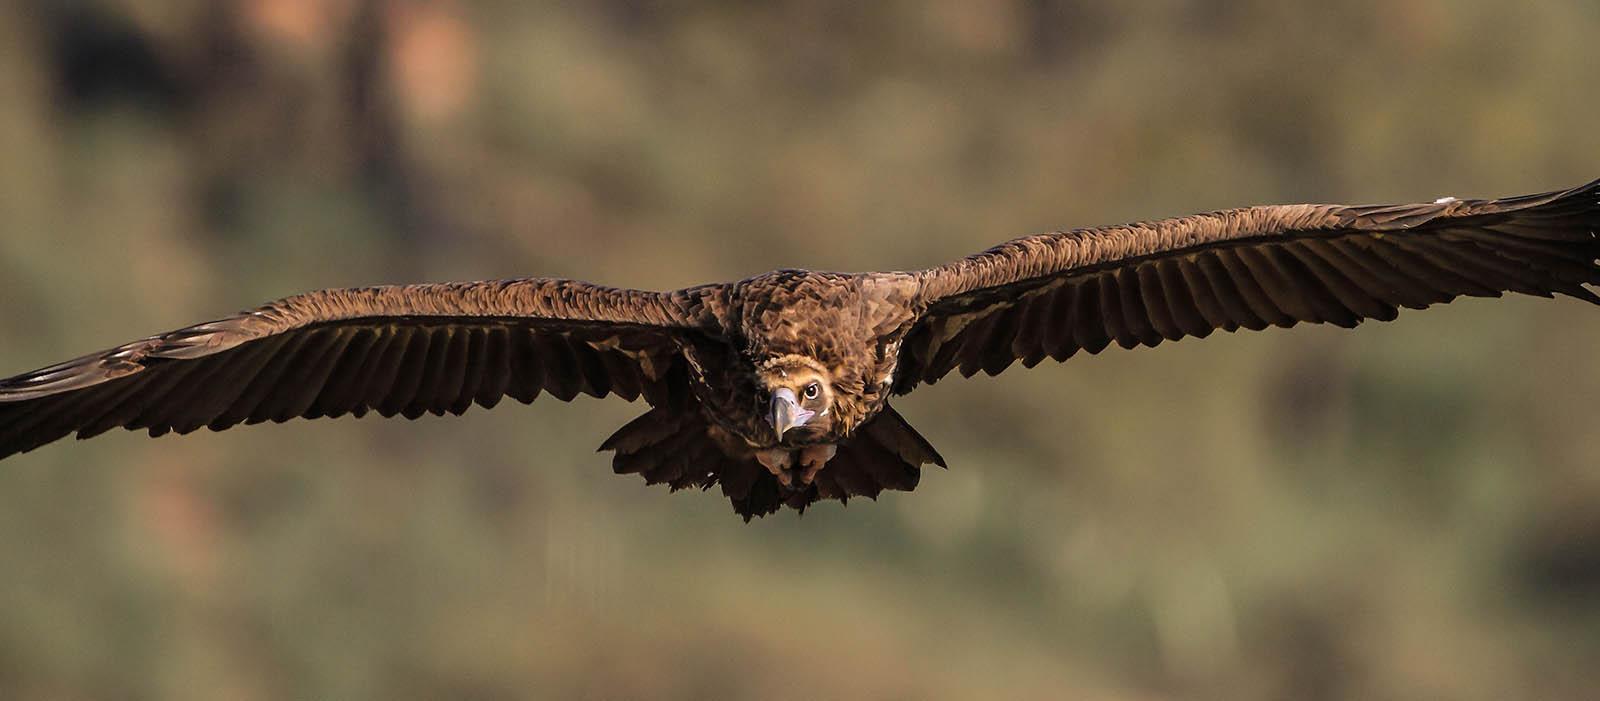 sas repül féreg mászik ki